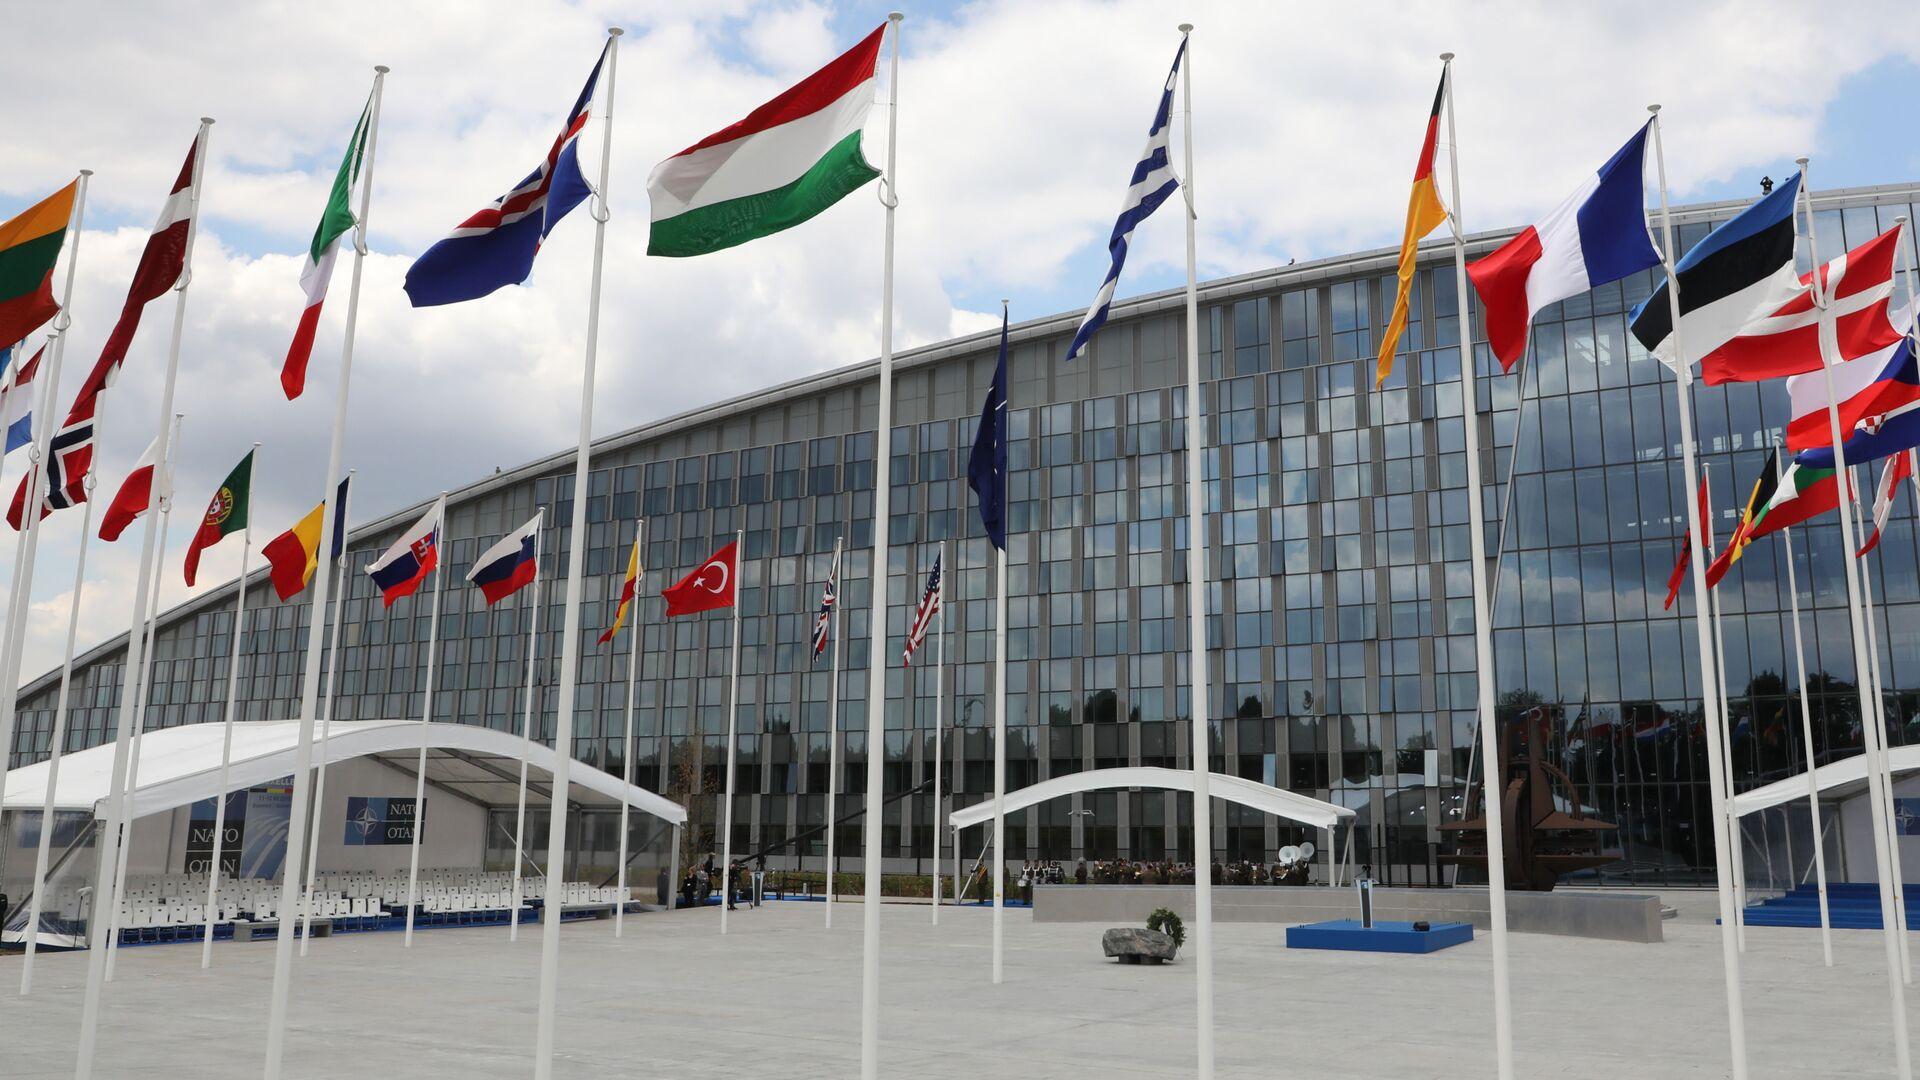 Sídlo NATO v Bruselu - Sputnik Česká republika, 1920, 22.08.2021